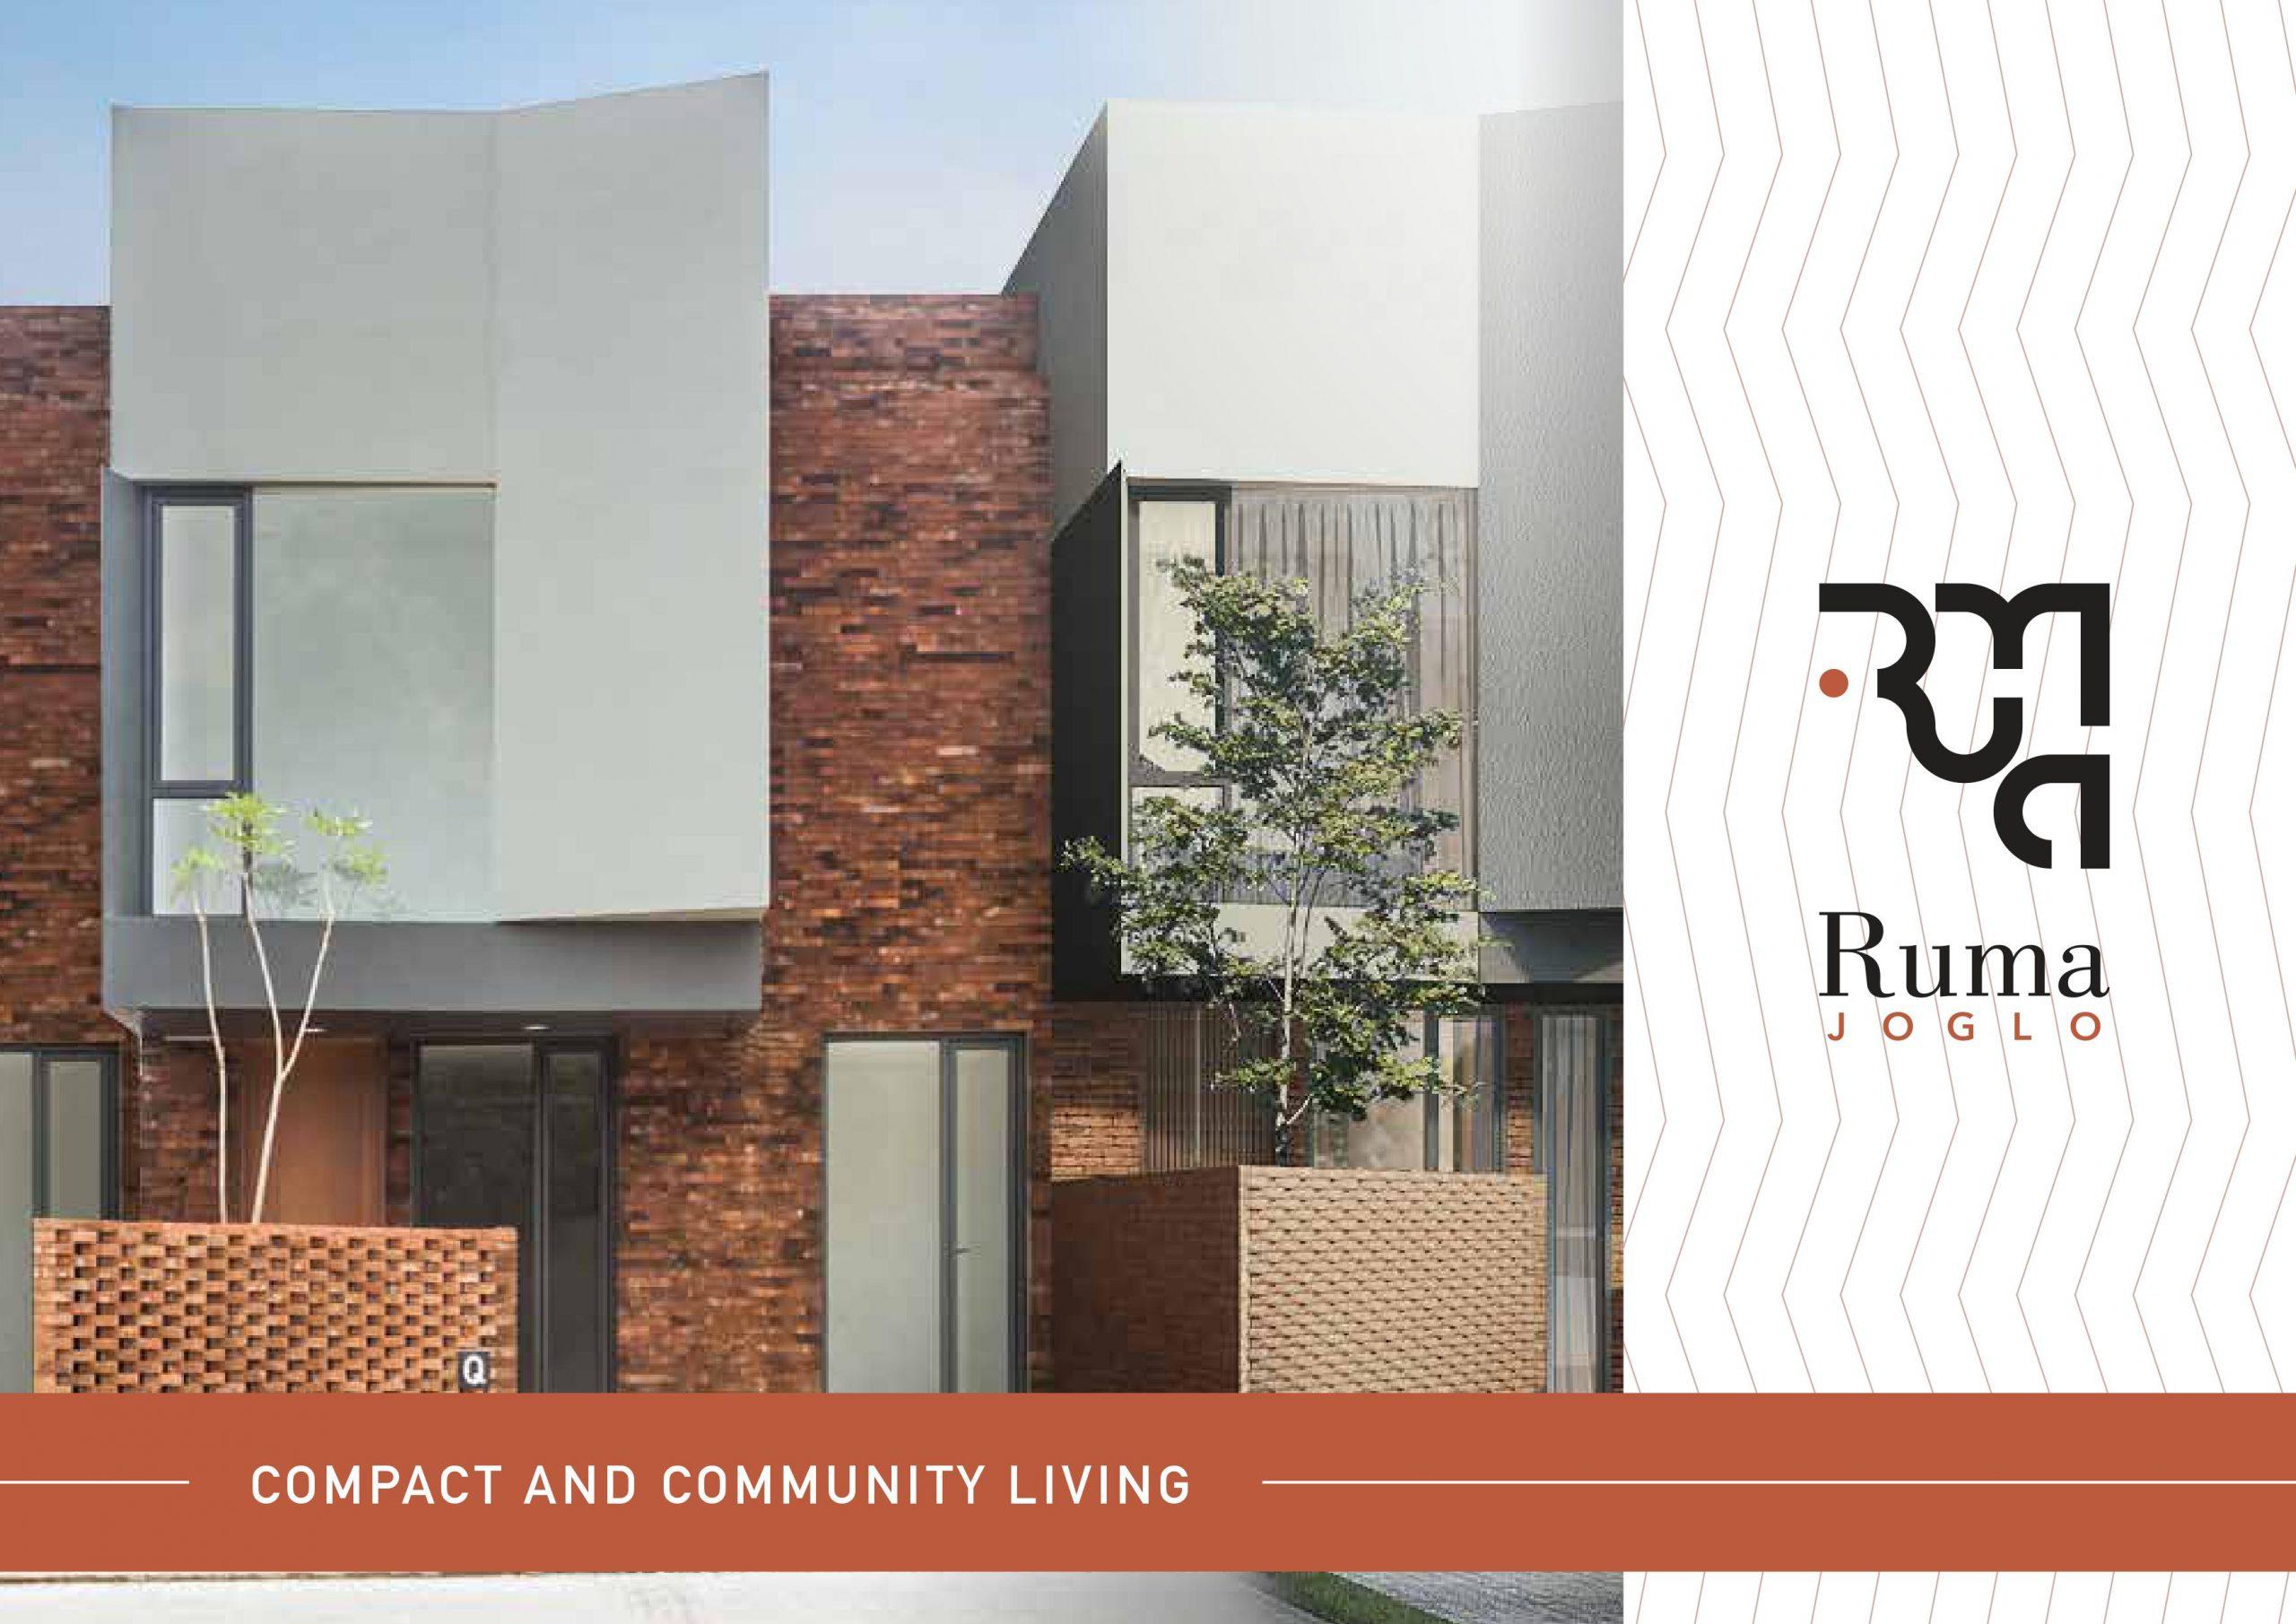 Ruma Joglo Marketing 08111229182